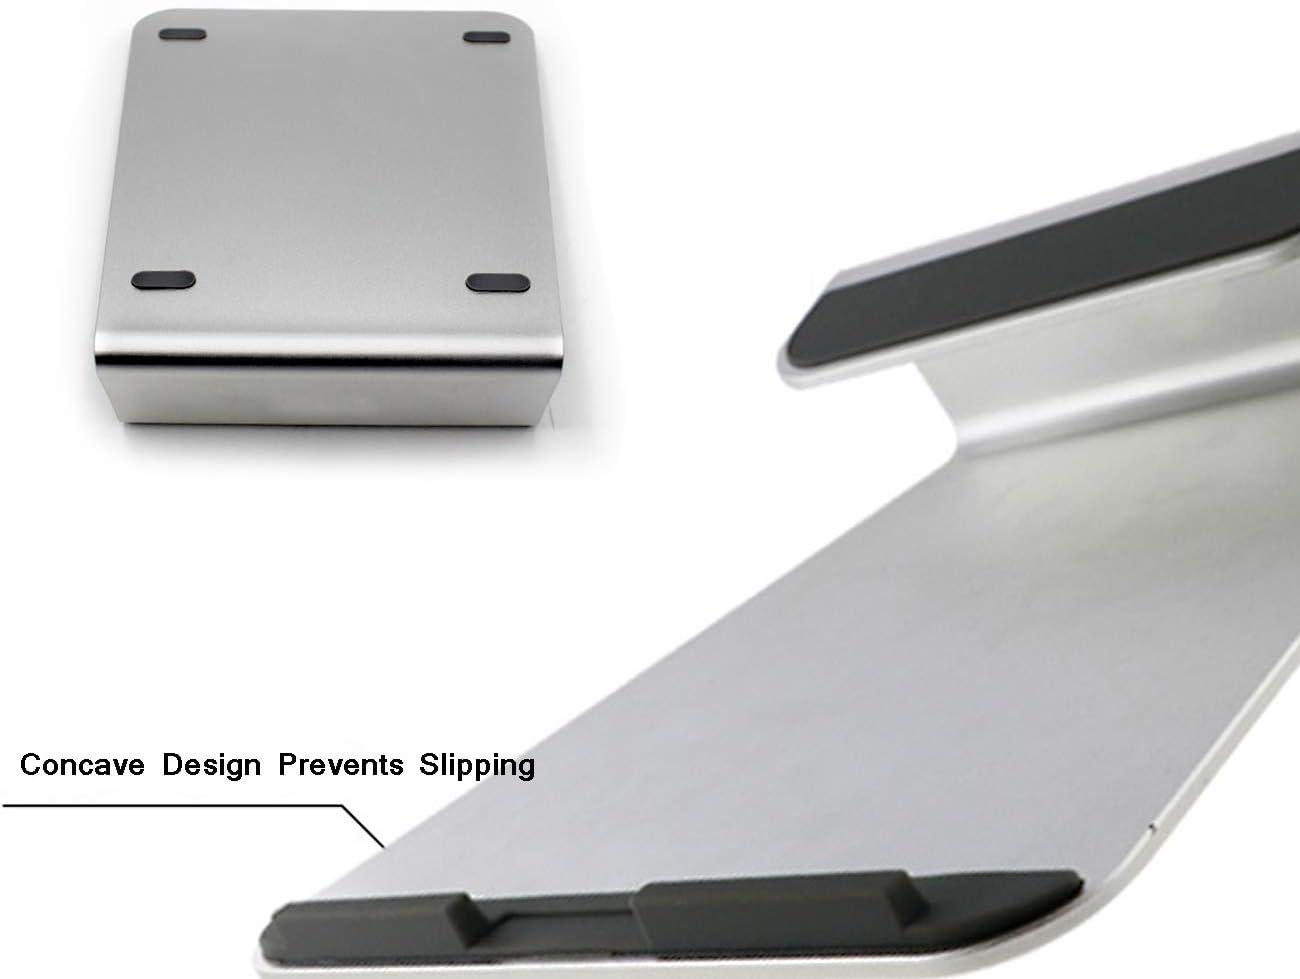 SYJJE Soporte para Laptop, Soporte Ergonómico para Enfriamiento De Notebook, Liviano Y Que Ahorra Espacio, Adecuado para Laptops, Tabletas, Etc. (Plateado): Amazon.es: Hogar